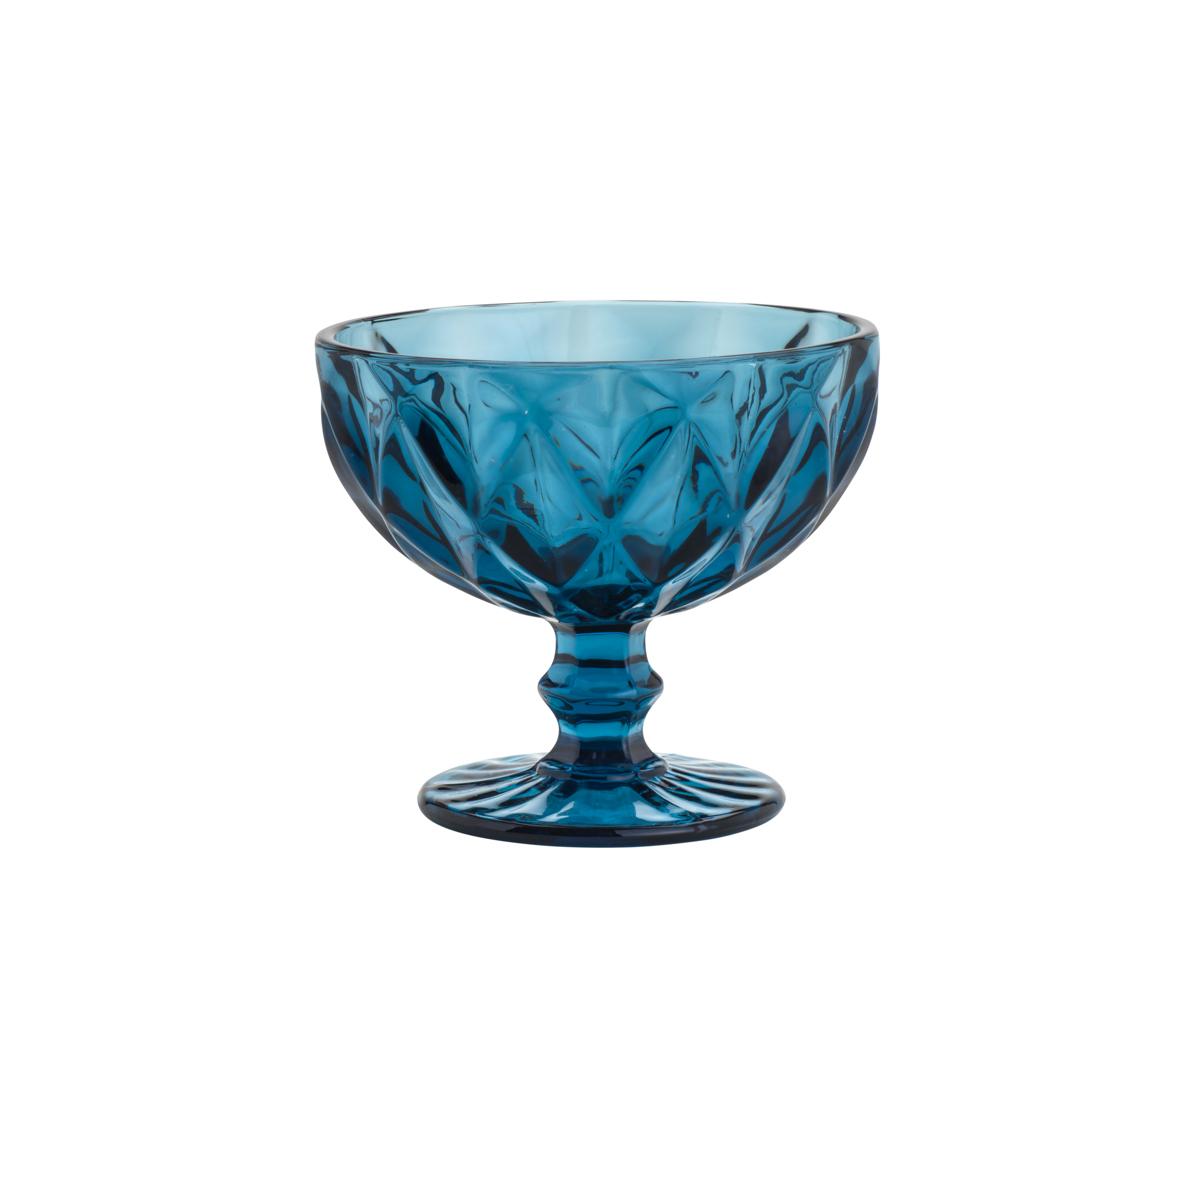 Jogo 4 Taças Coupe de Vidro Sodo-Calcico Diamond Azul 310 ml  - Lemis